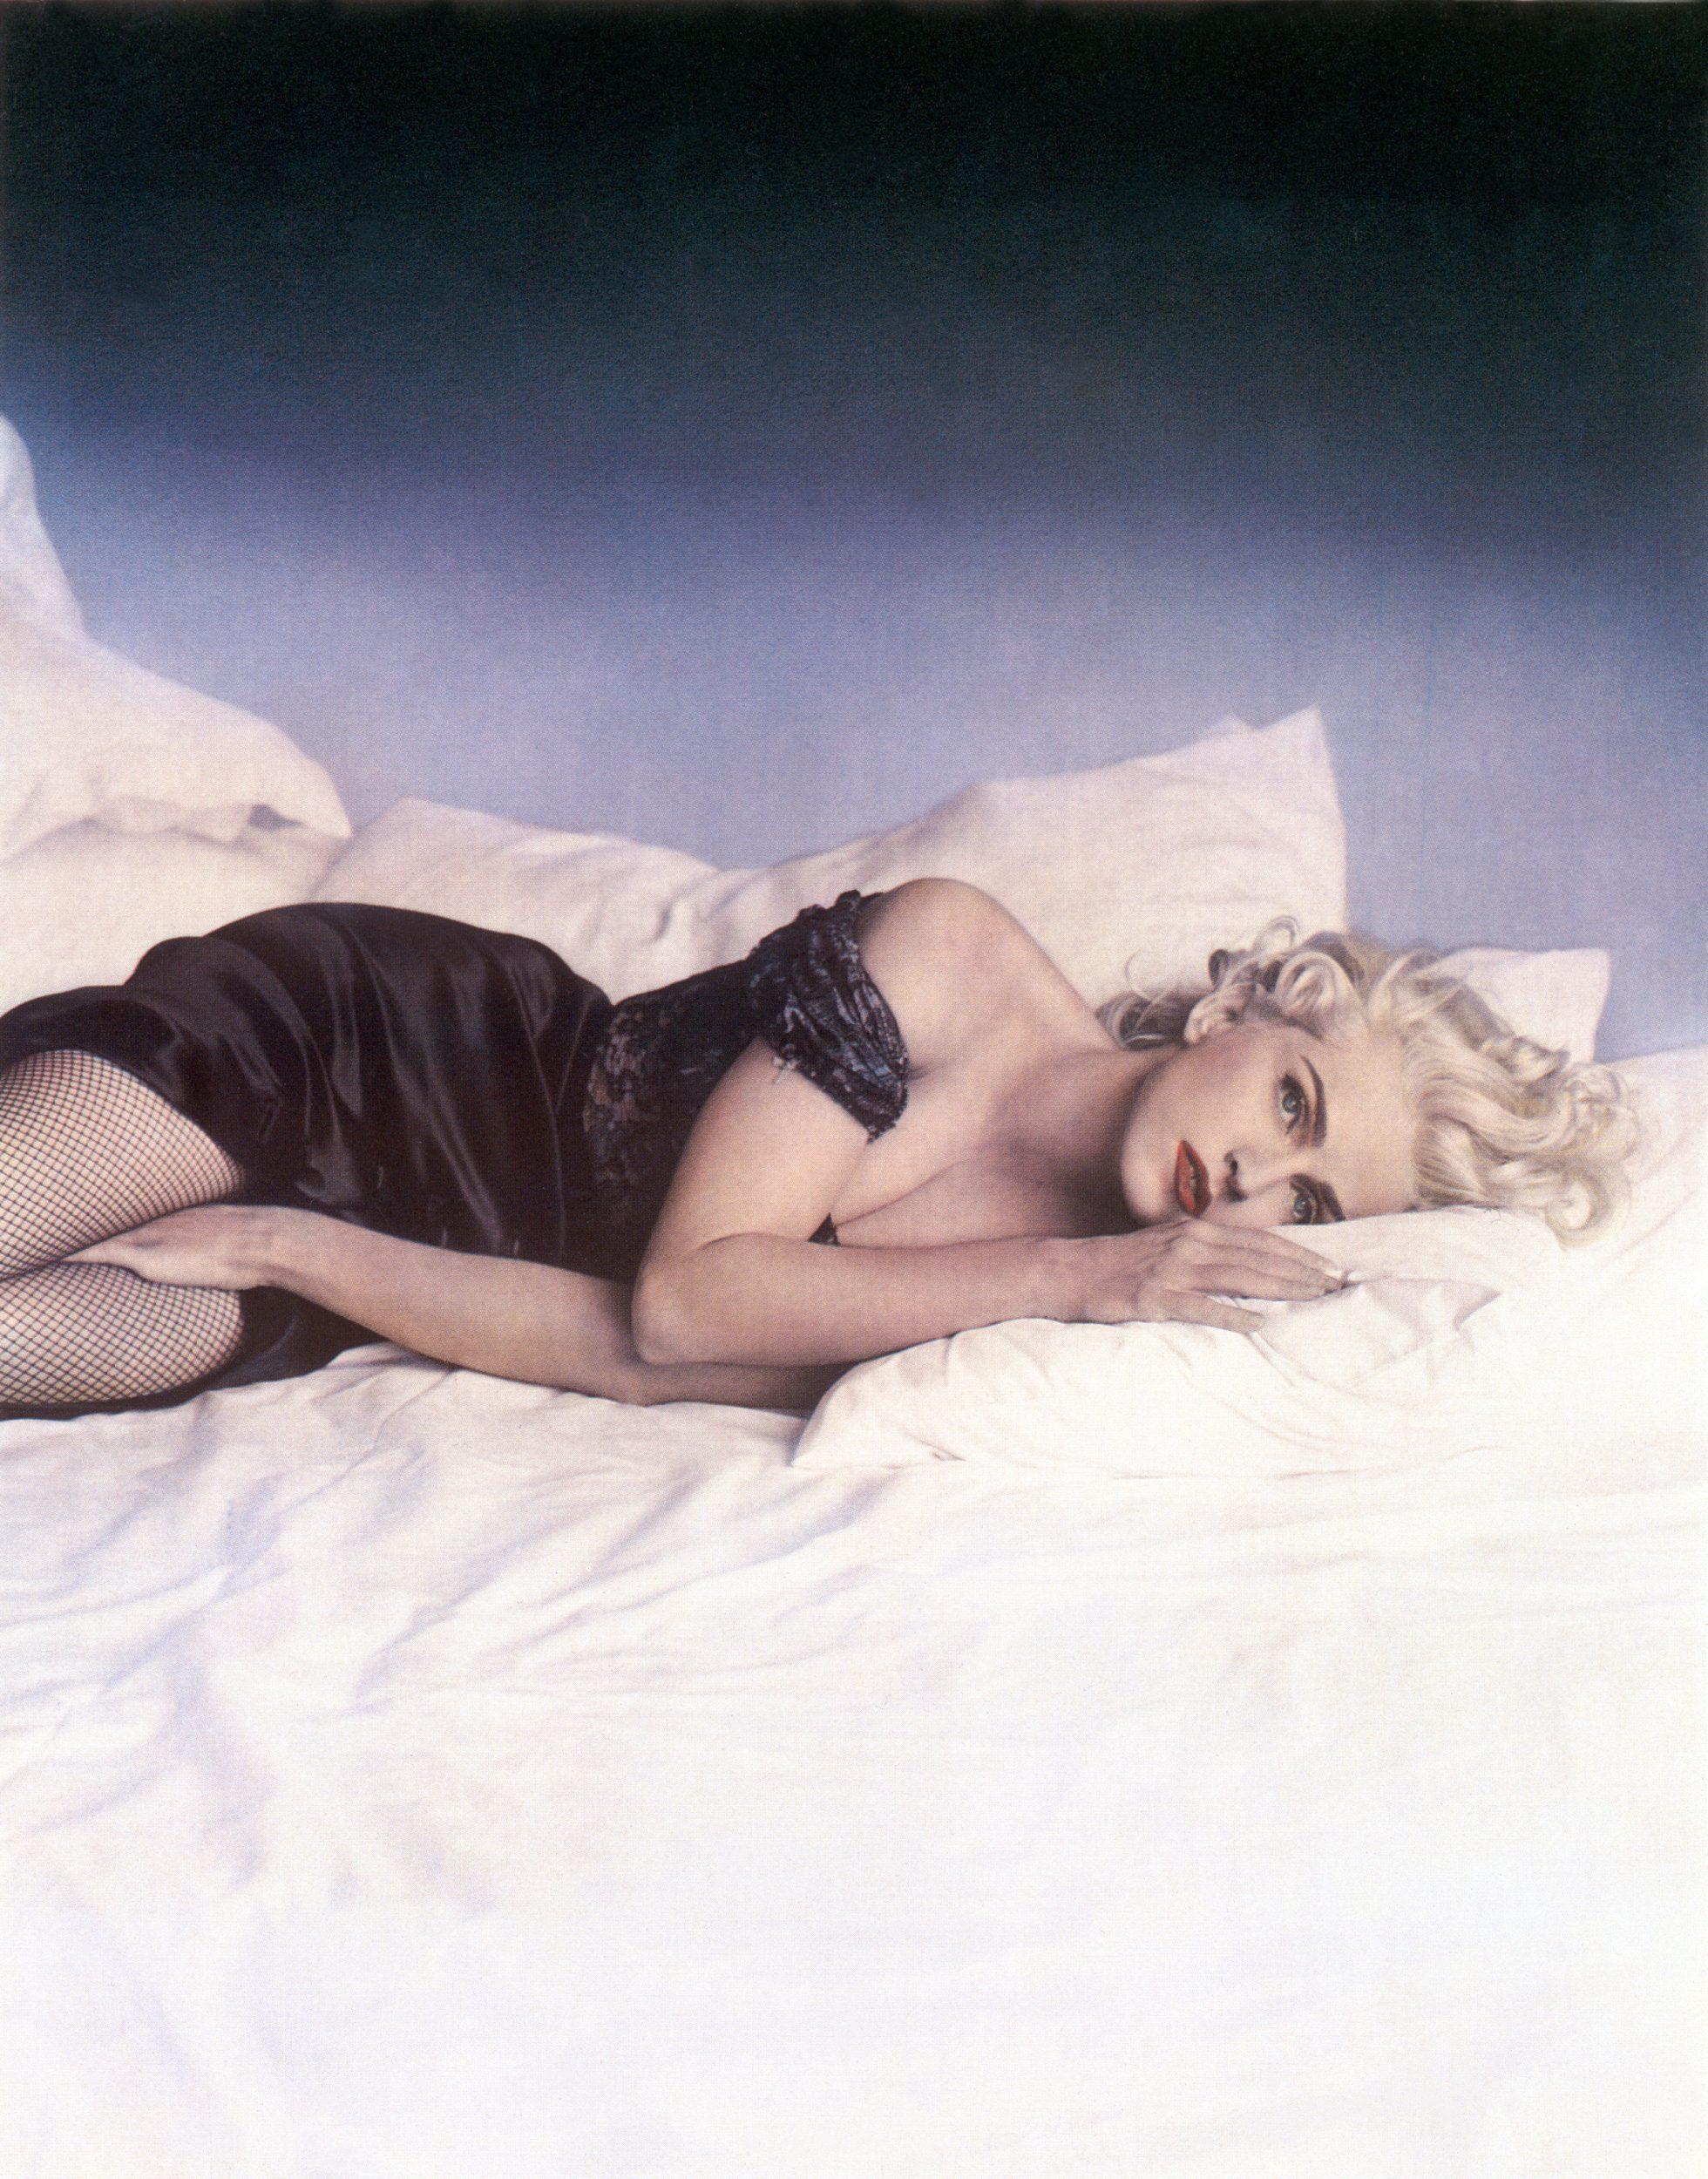 Фото одиноких женщин в постели 19 фотография